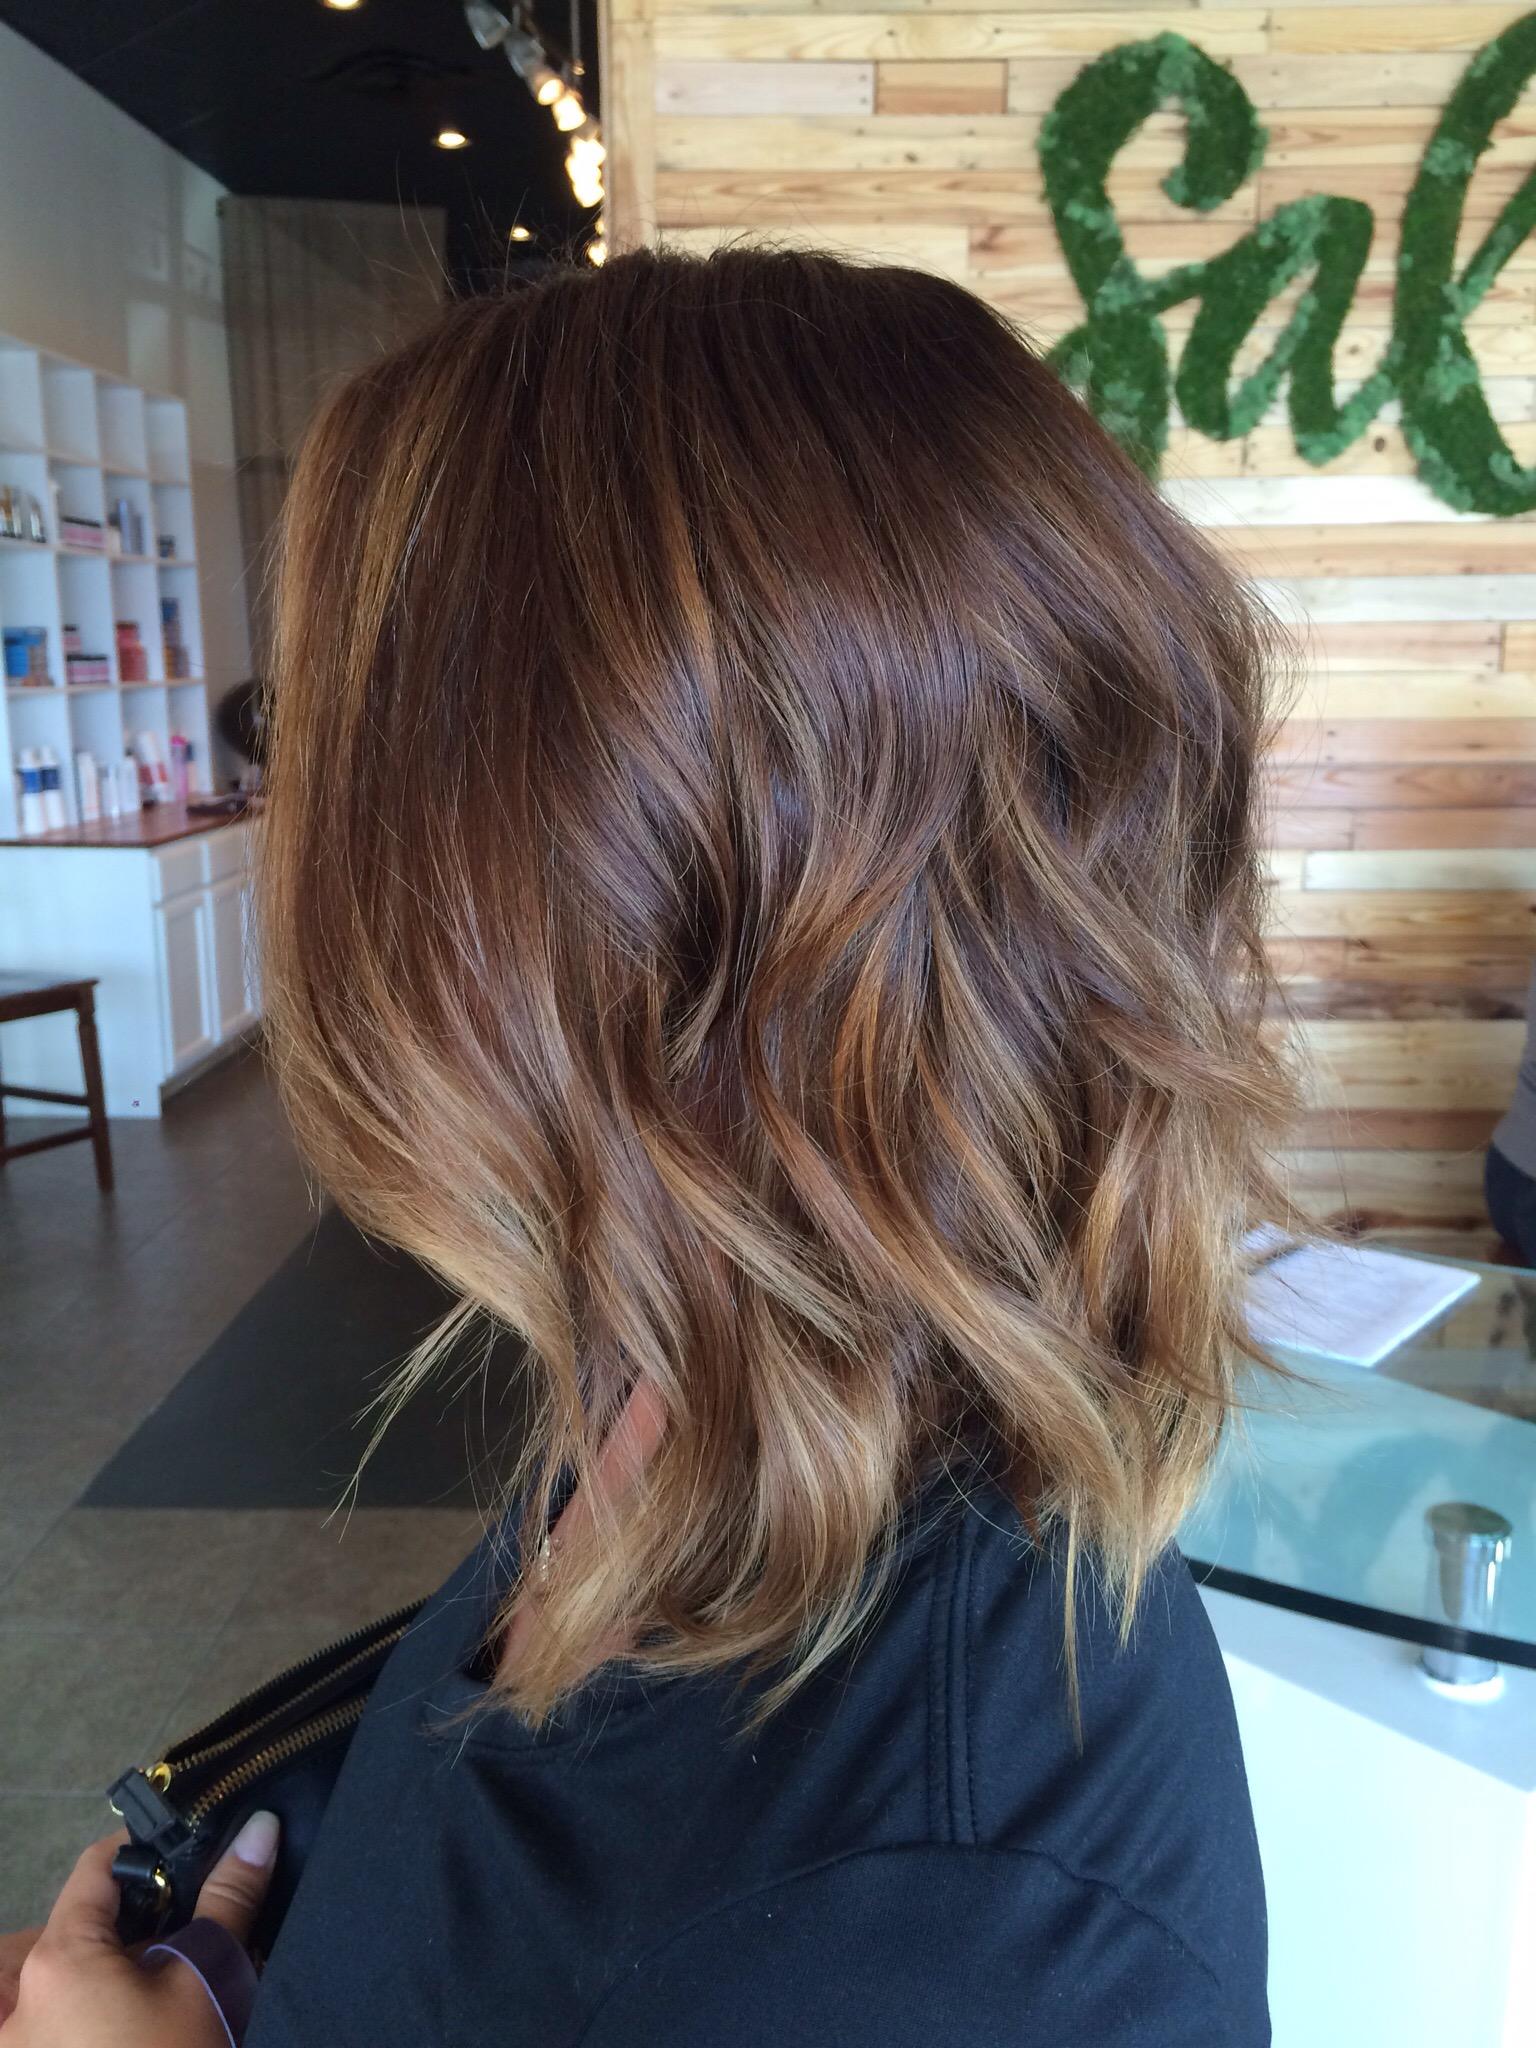 Medium to Short Hair Balayage Ombre Natural Haircolor